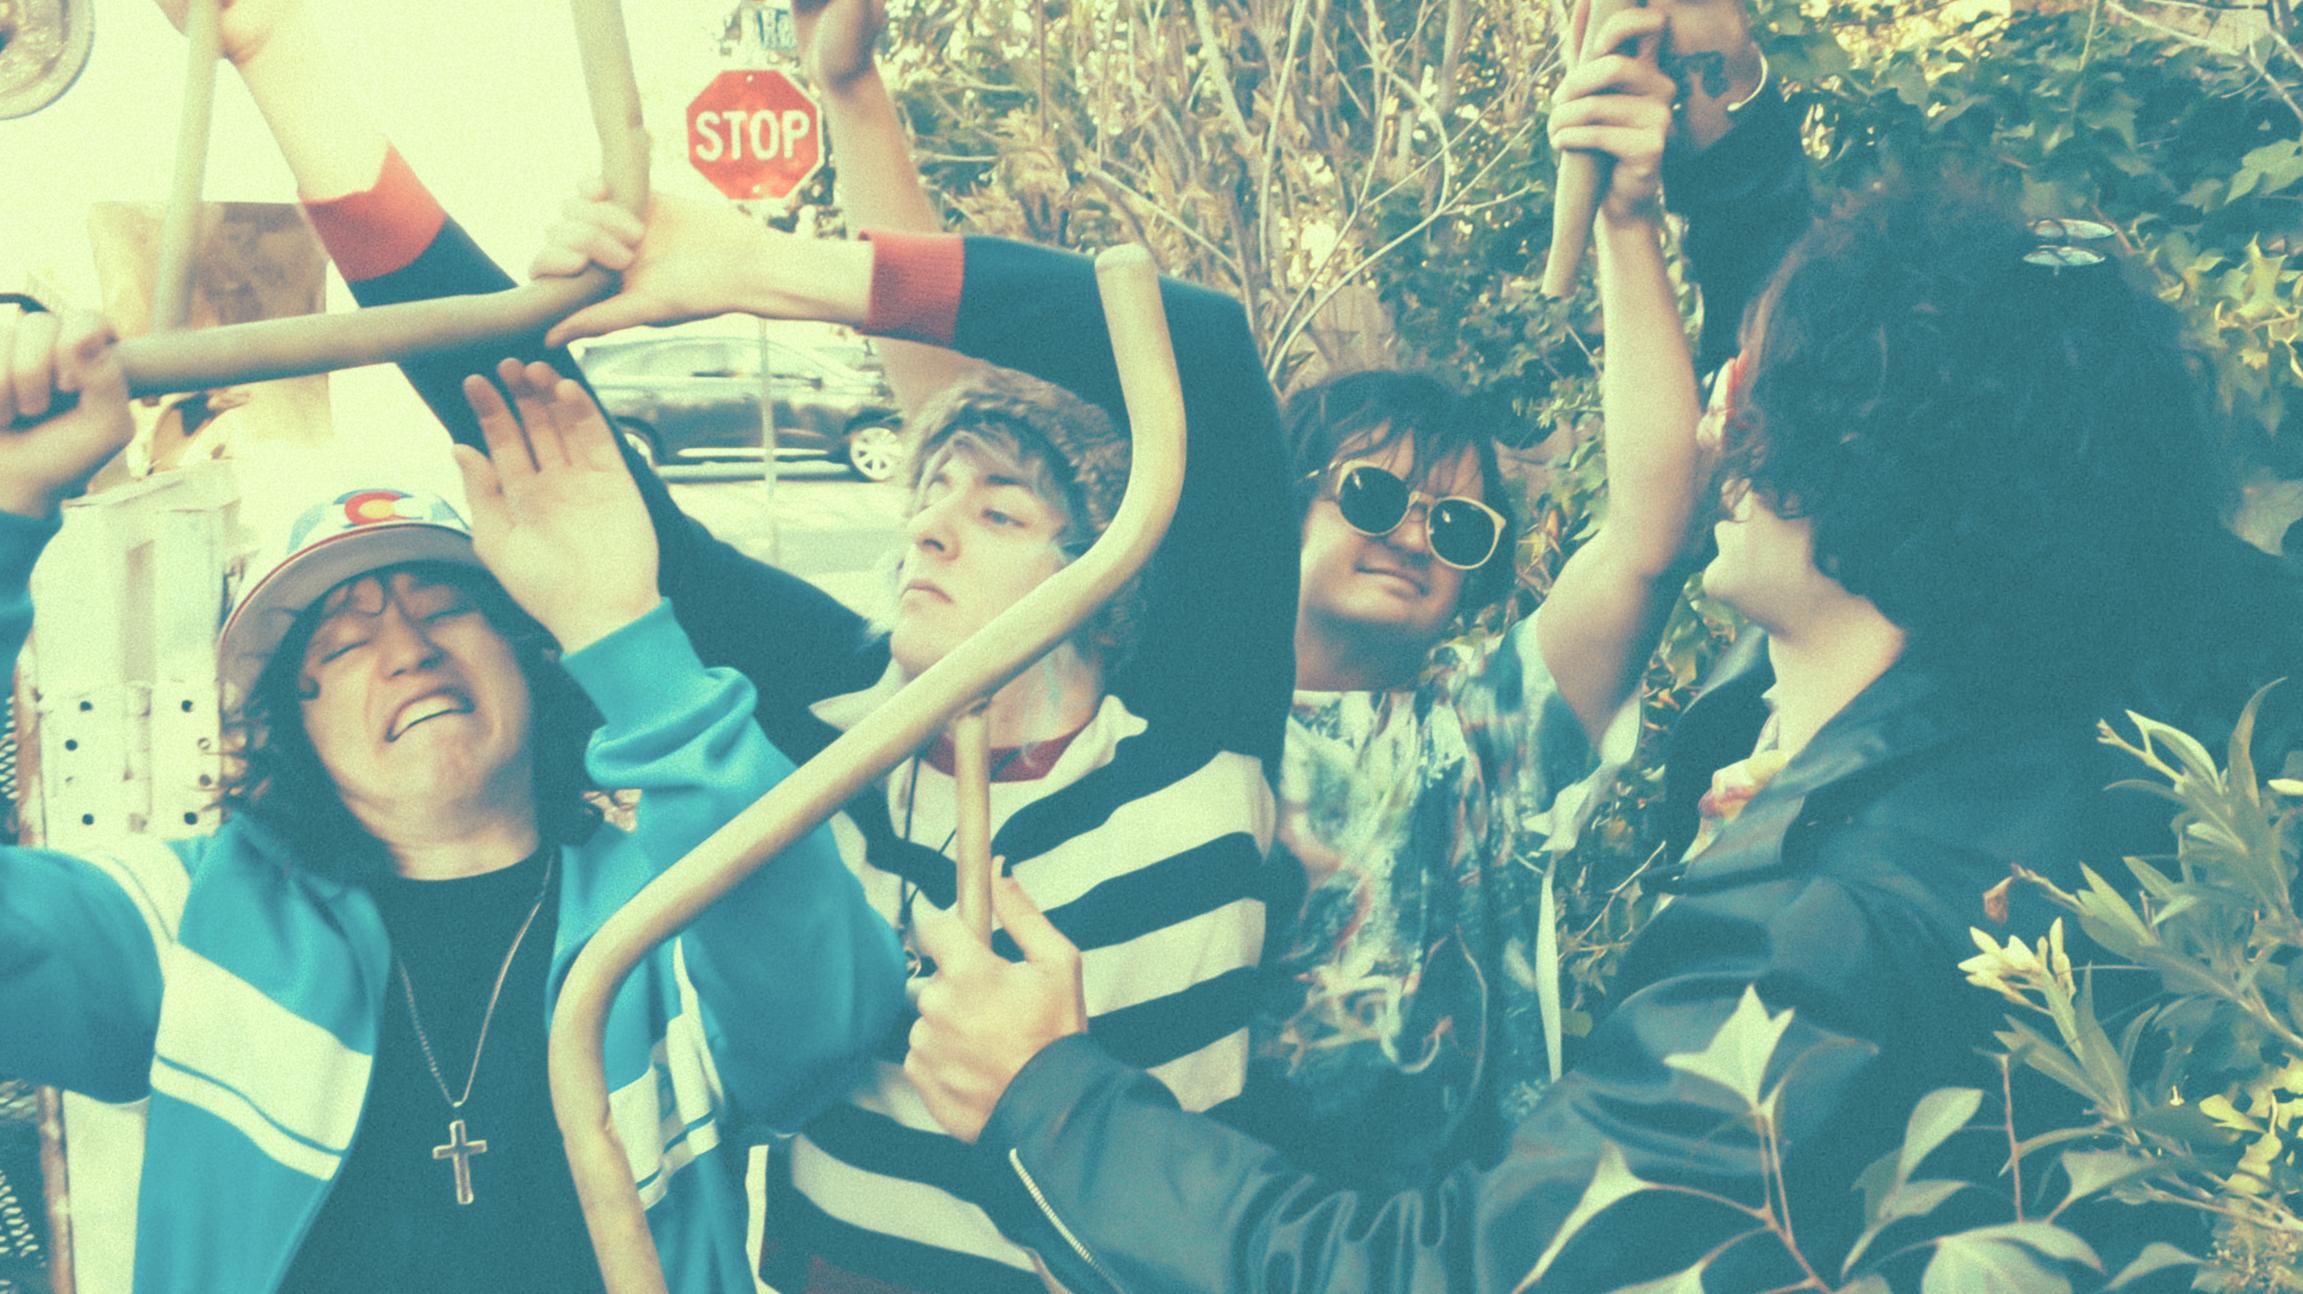 Bespielen psychedelisches Wunderland: Fever The Ghost aus Kalifornien